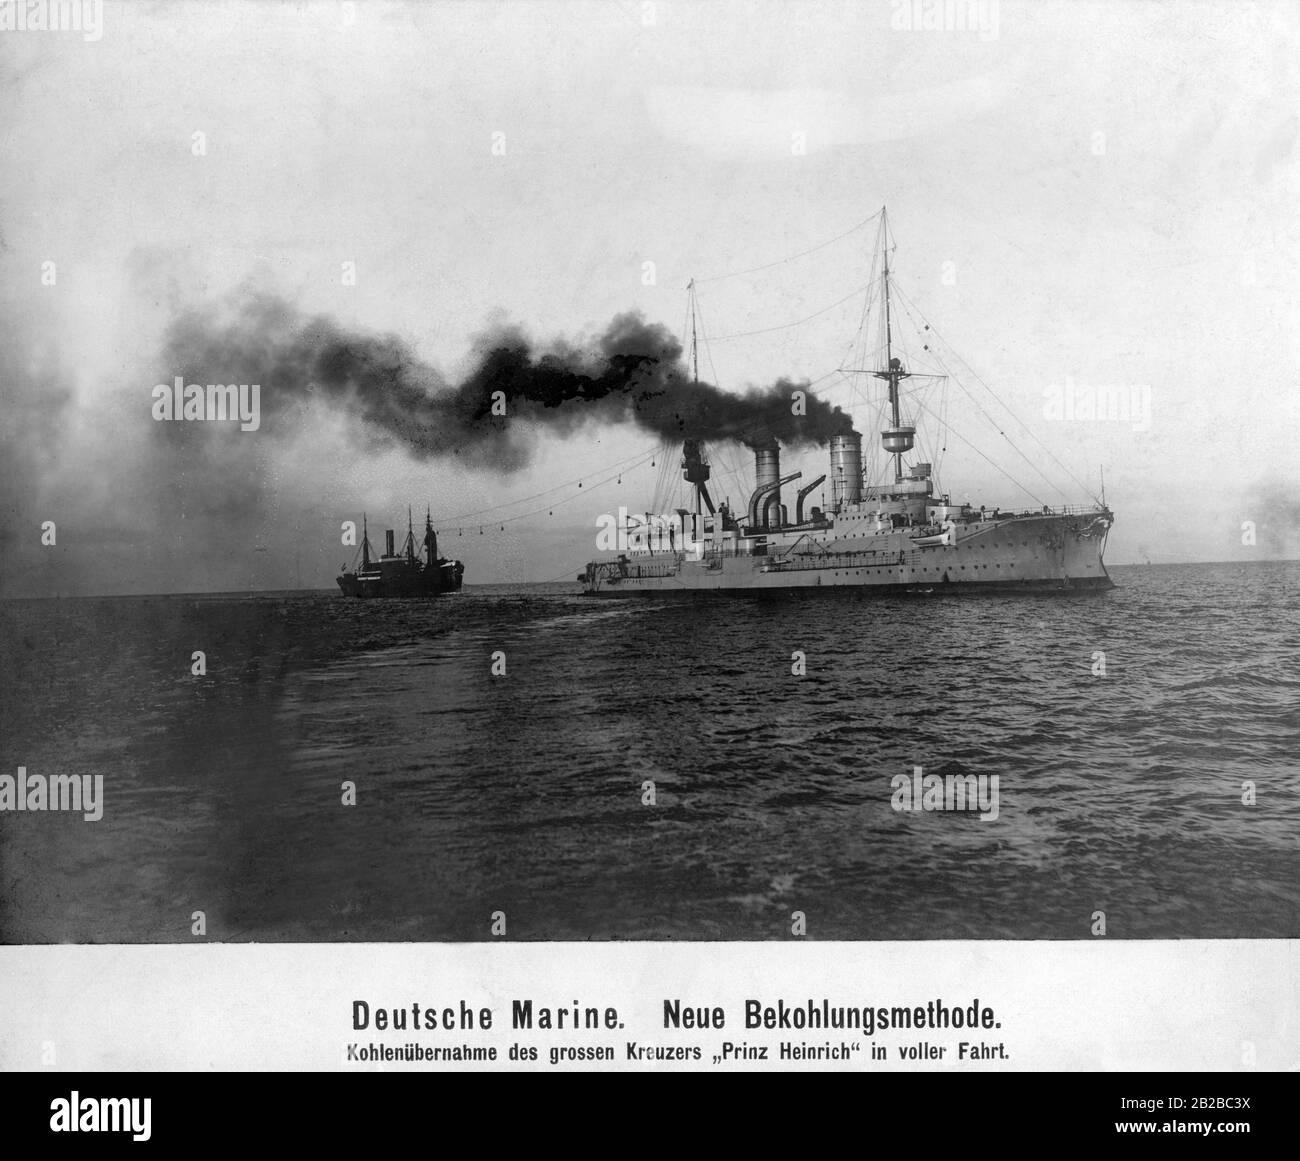 """El pesado crucero alemán """"Prinz Heinrich"""" en alta mar está practicando con un barco de pesca un nuevo método de tomar el carbón en alta mar. Aquí se intenta transferir las bolsas de carbón del barco de transporte al crucero mediante una conexión de cable. Foto de stock"""